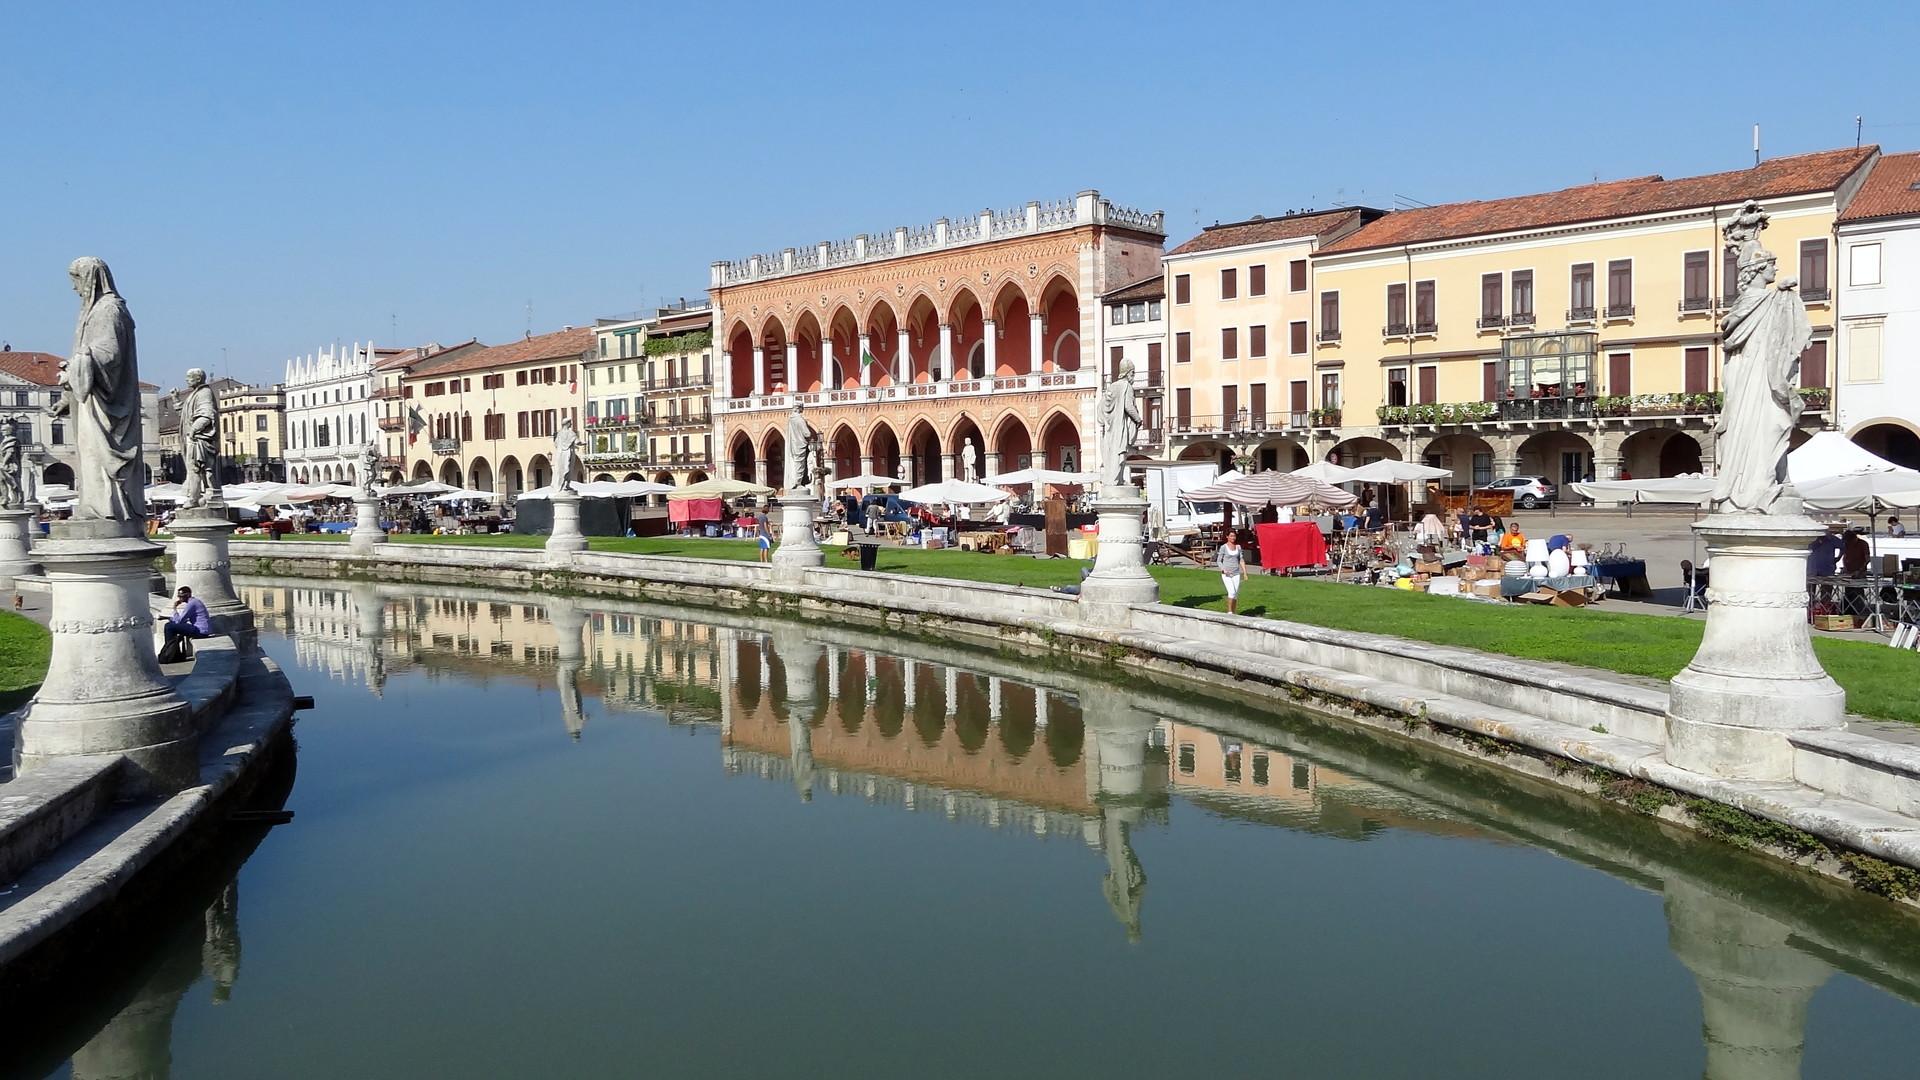 Expérience à l'Université de Padoue, Italie par Adriano